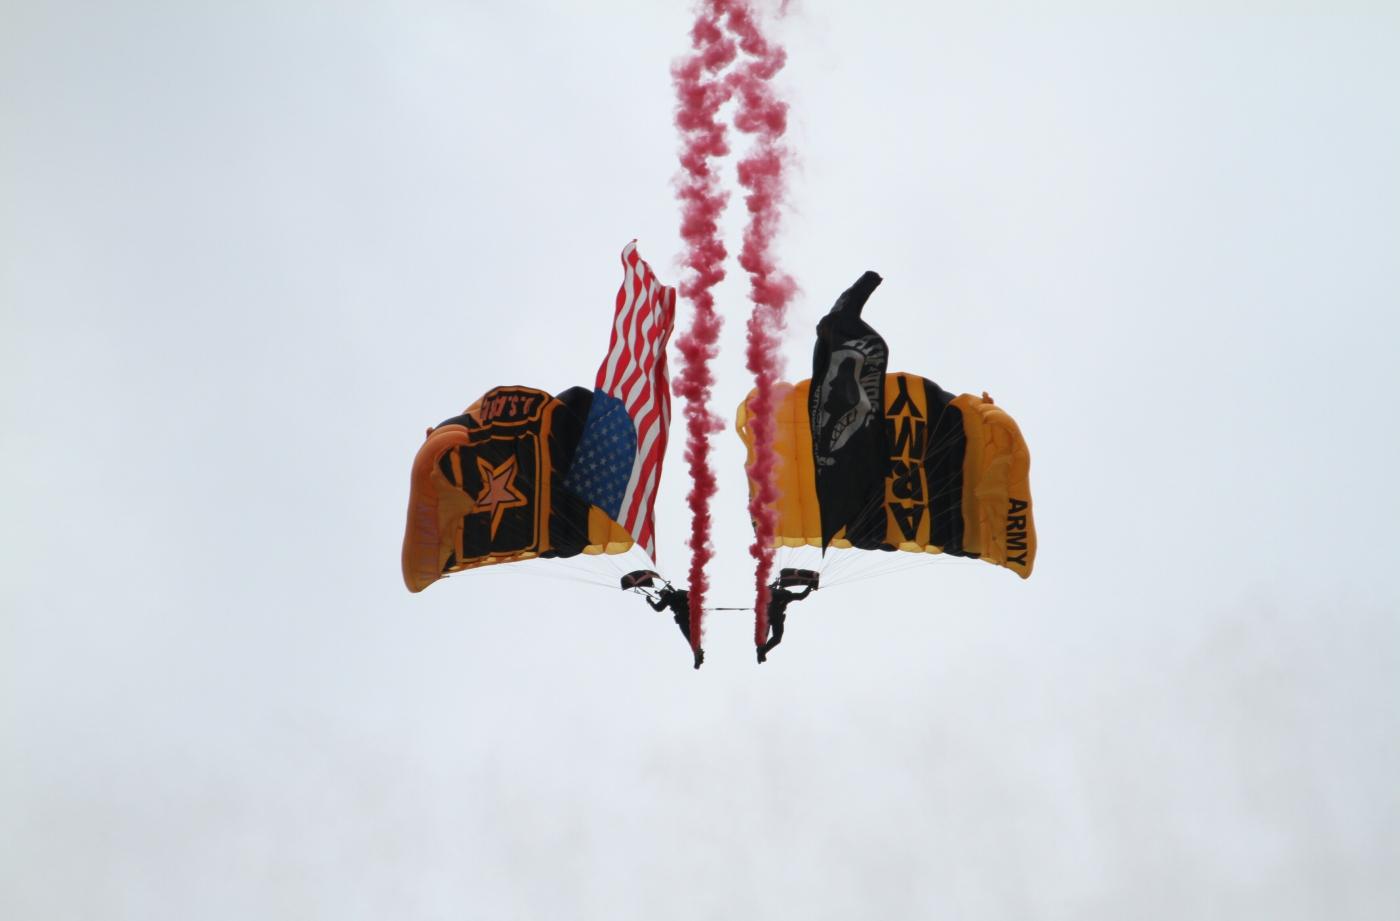 【田螺摄影】2017琼斯航空秀、跳伞、雷鸟、救援_图1-2